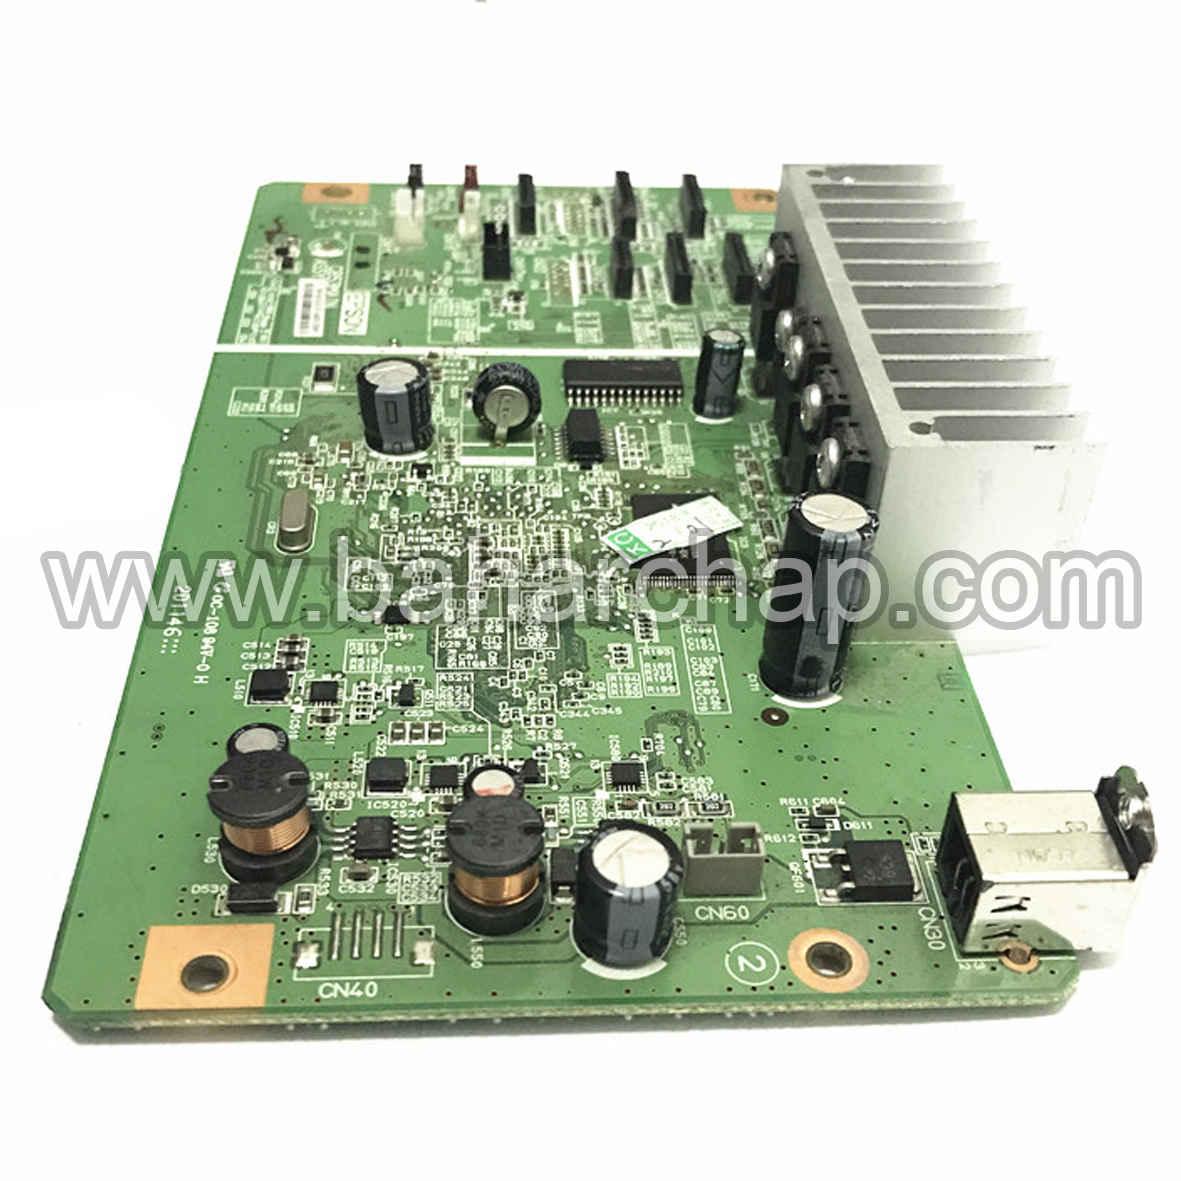 فروشگاه و خدمات اینترنتی بهارچاپ اصفهان-برد فرمتر اپسون L1800-FORMATTER BOARD FOR EPSON L1800